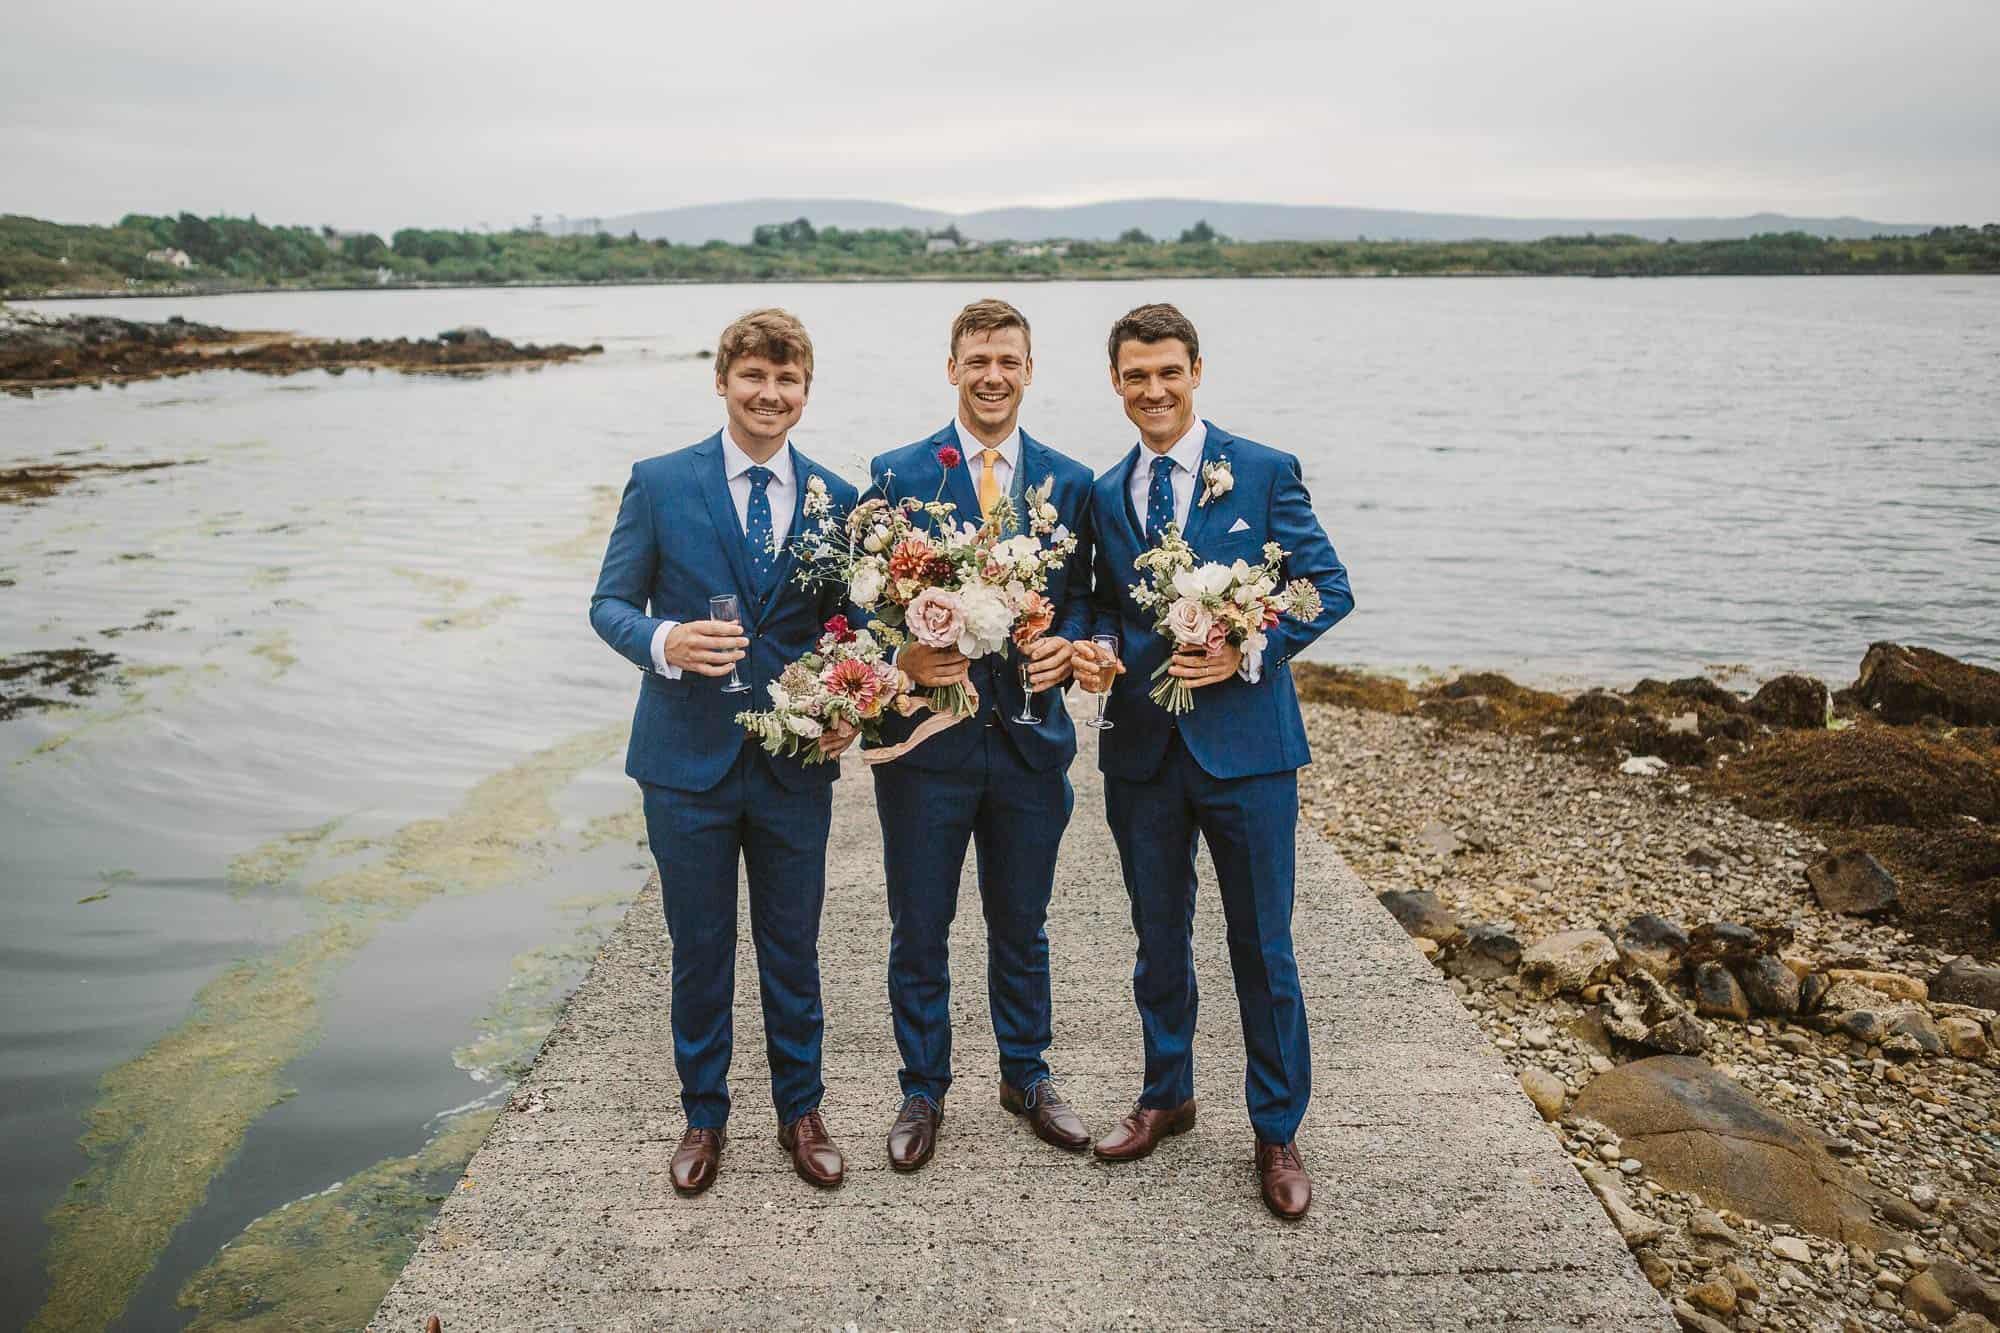 Elopement Ireland Connemara Groomsmen with flowers